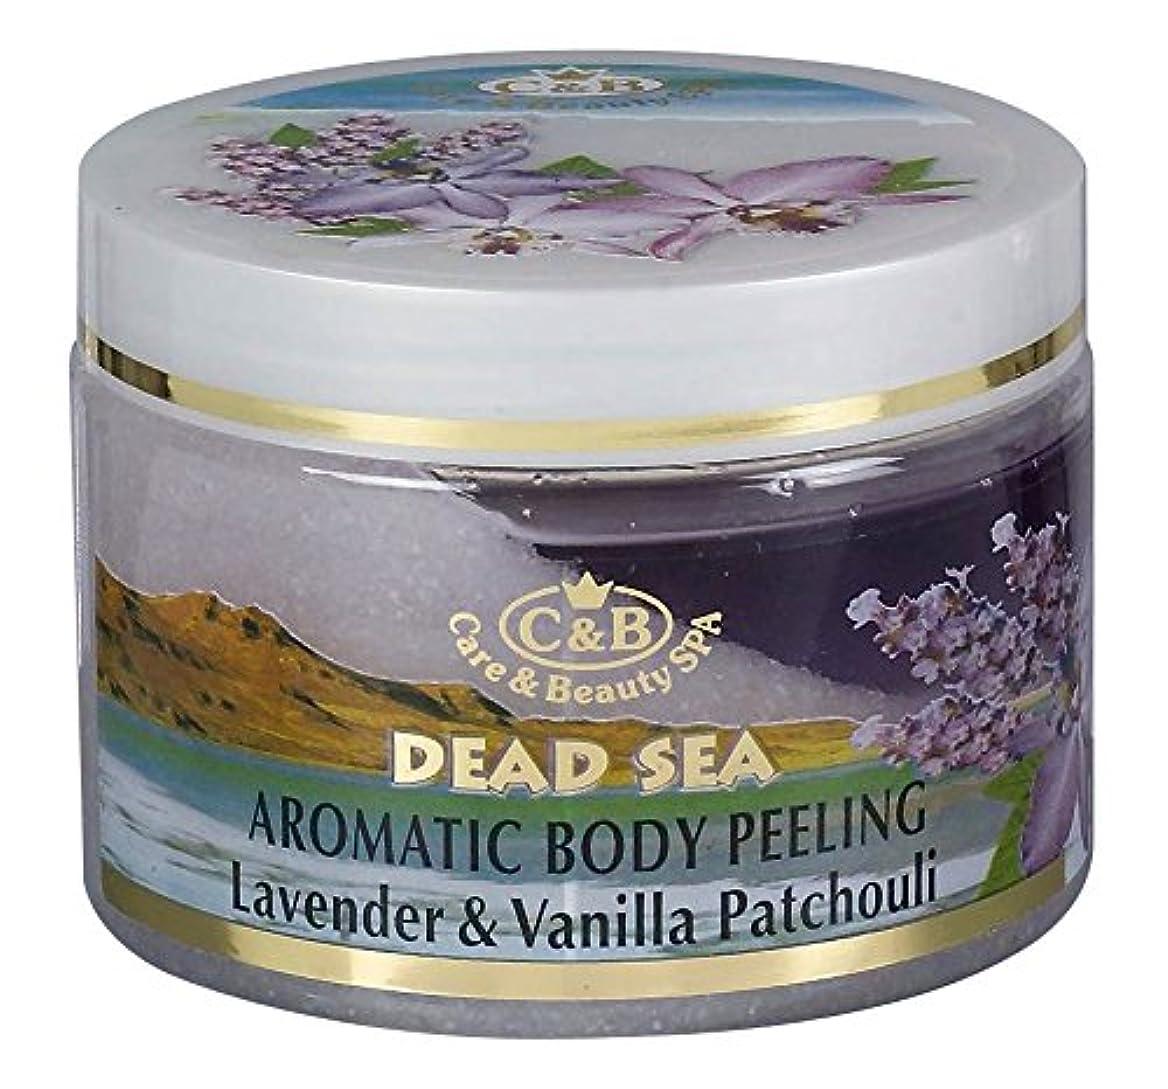 救出送るアルファベット順ラベンダーとバニラ?パチョリの香りの全身用剥がし― 350mL 死海ミネラル Aromatic Body Peeling Lavender & Vanilla Patchouli